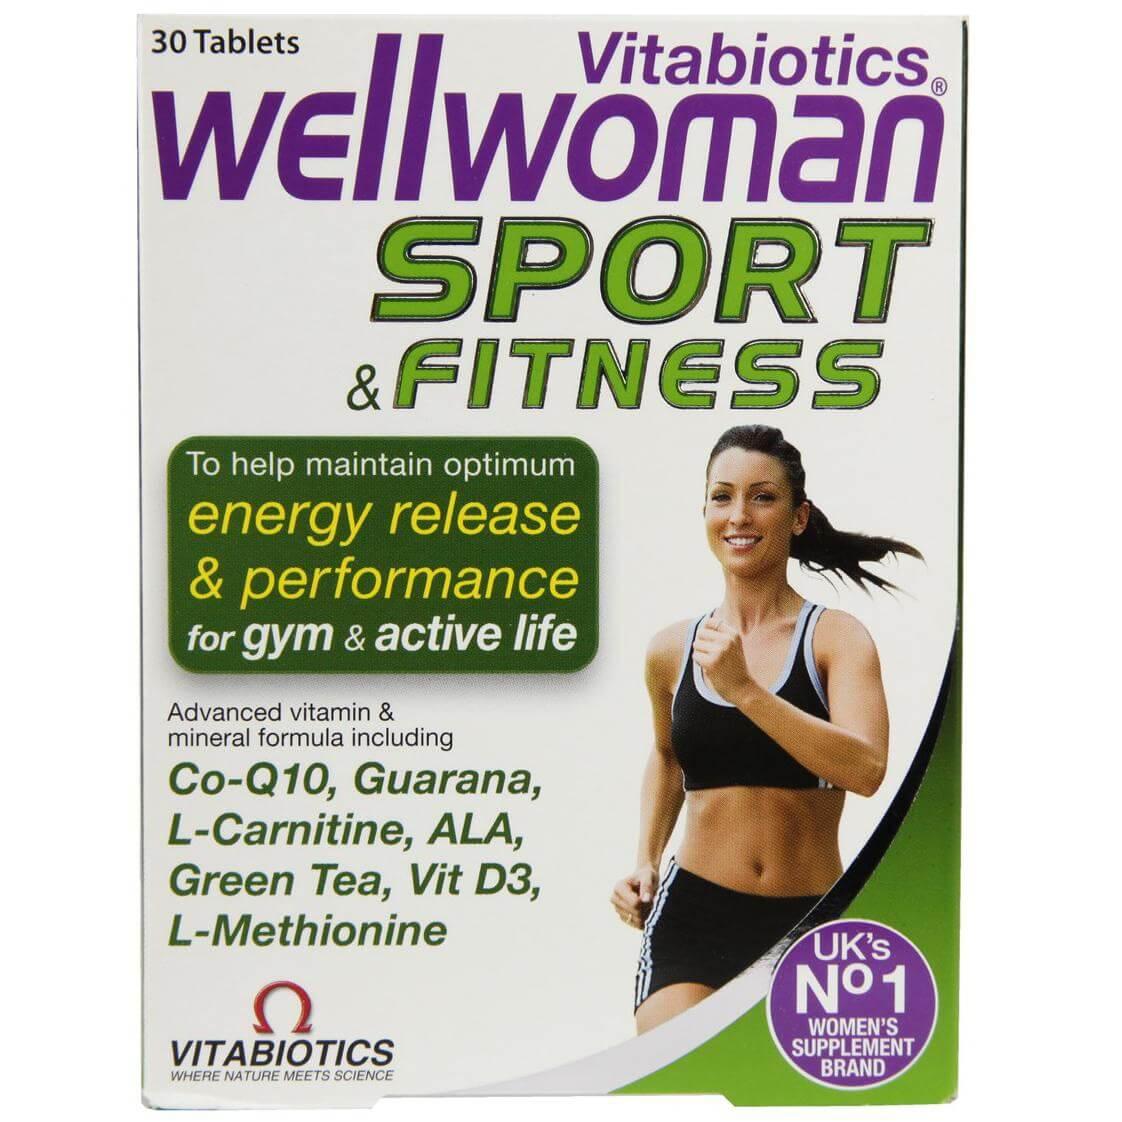 Vitabiotics Wellwoman Sport & Fitness Συμπλήρωμα Διατροφής Ειδικά Σχεδιασμένο για Γυναίκες που Αθλούνται 30tabs